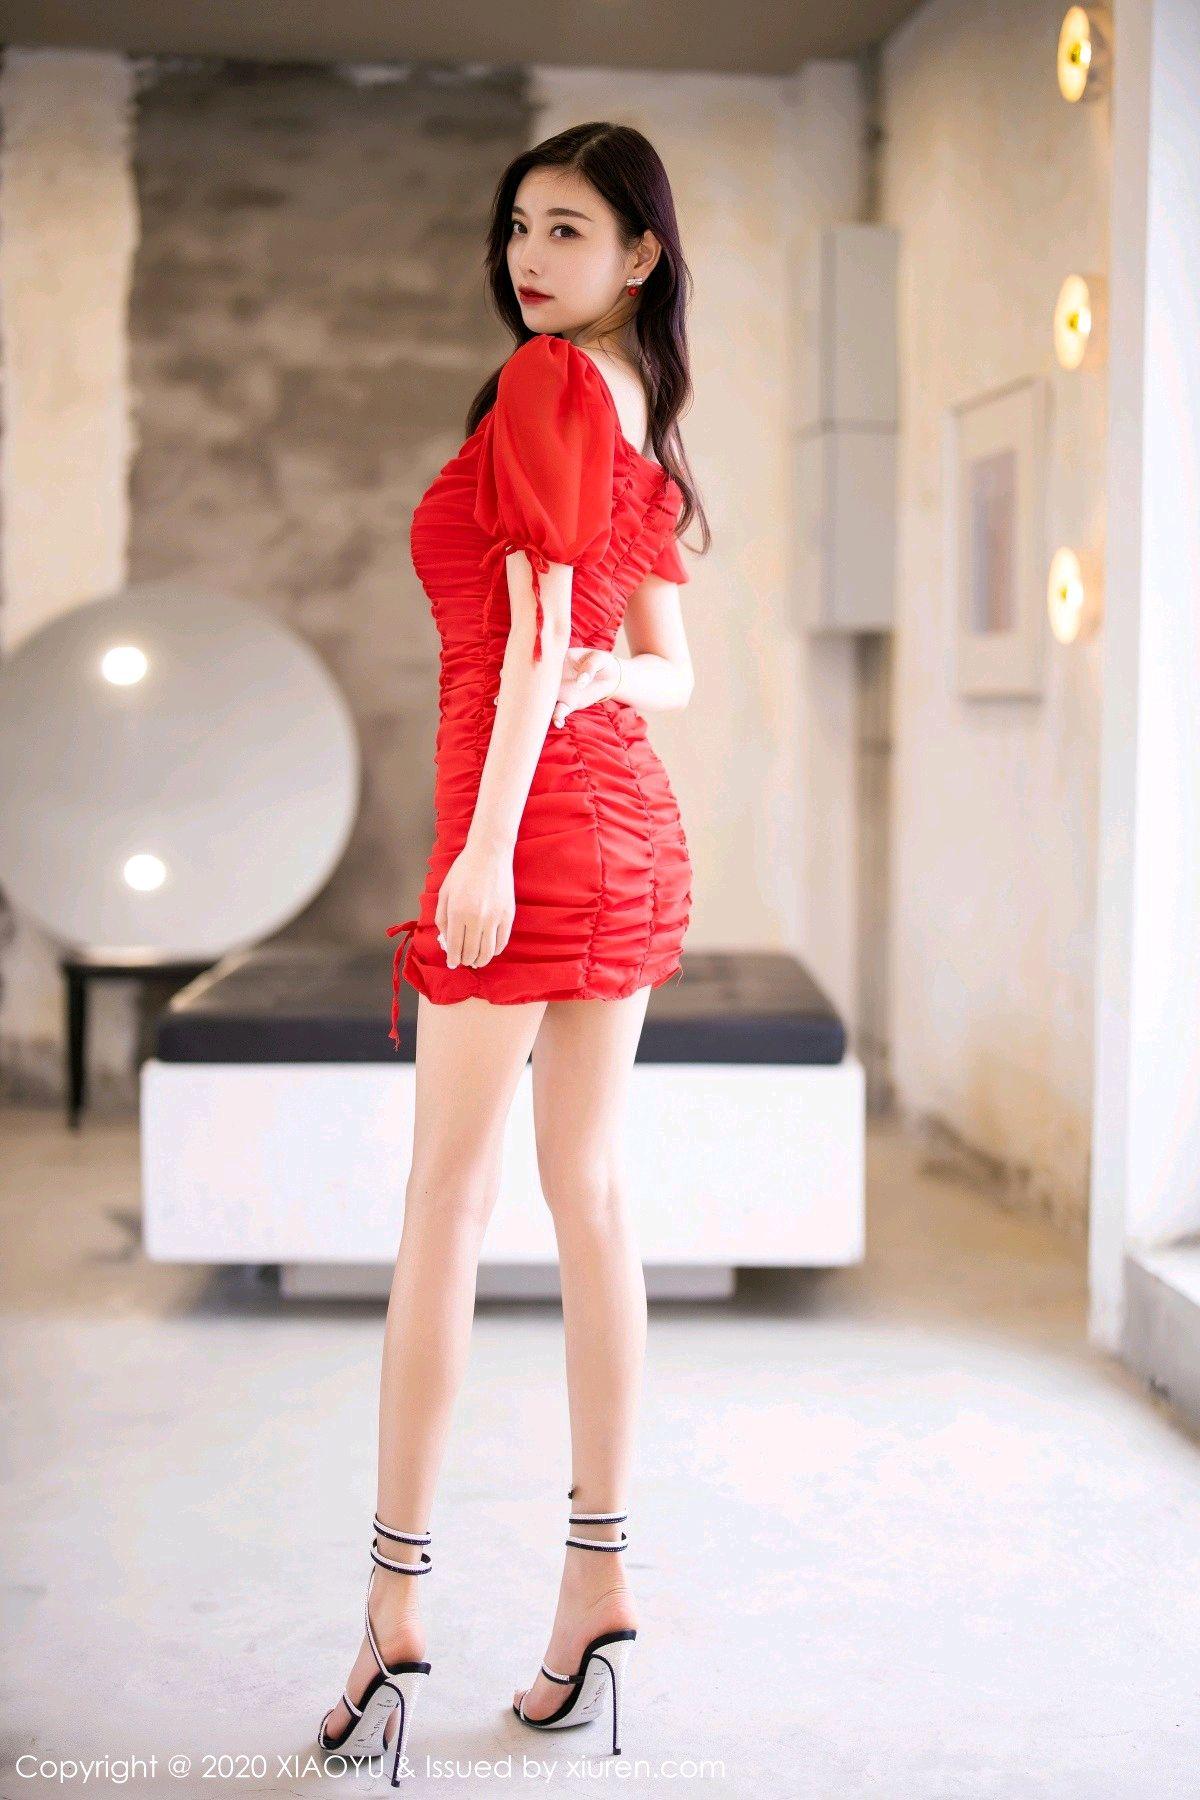 [XiaoYu] Vol.326 Yang Chen Chen 8P, Tall, XiaoYu, Yang Chen Chen